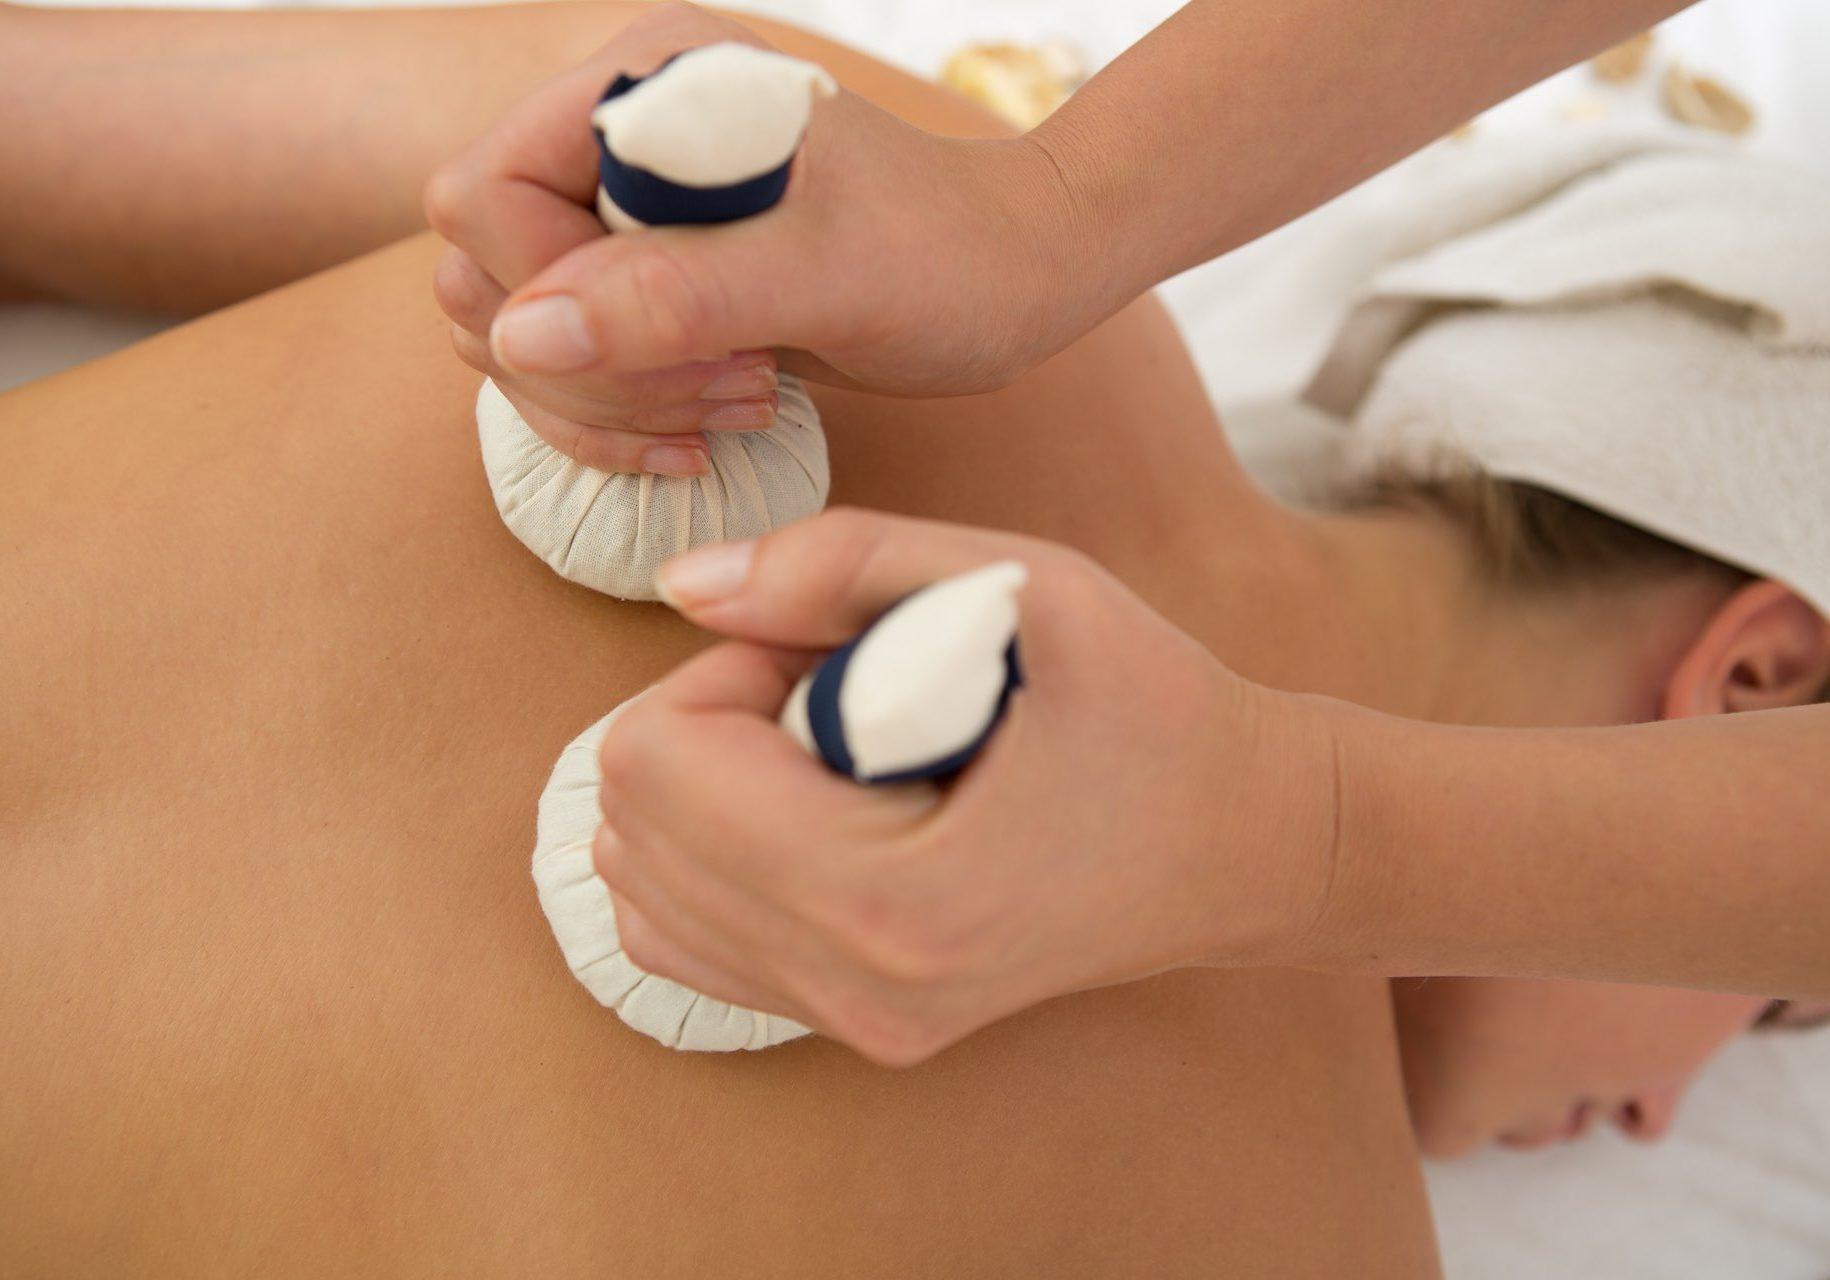 masaža z zeliščnimi snopi